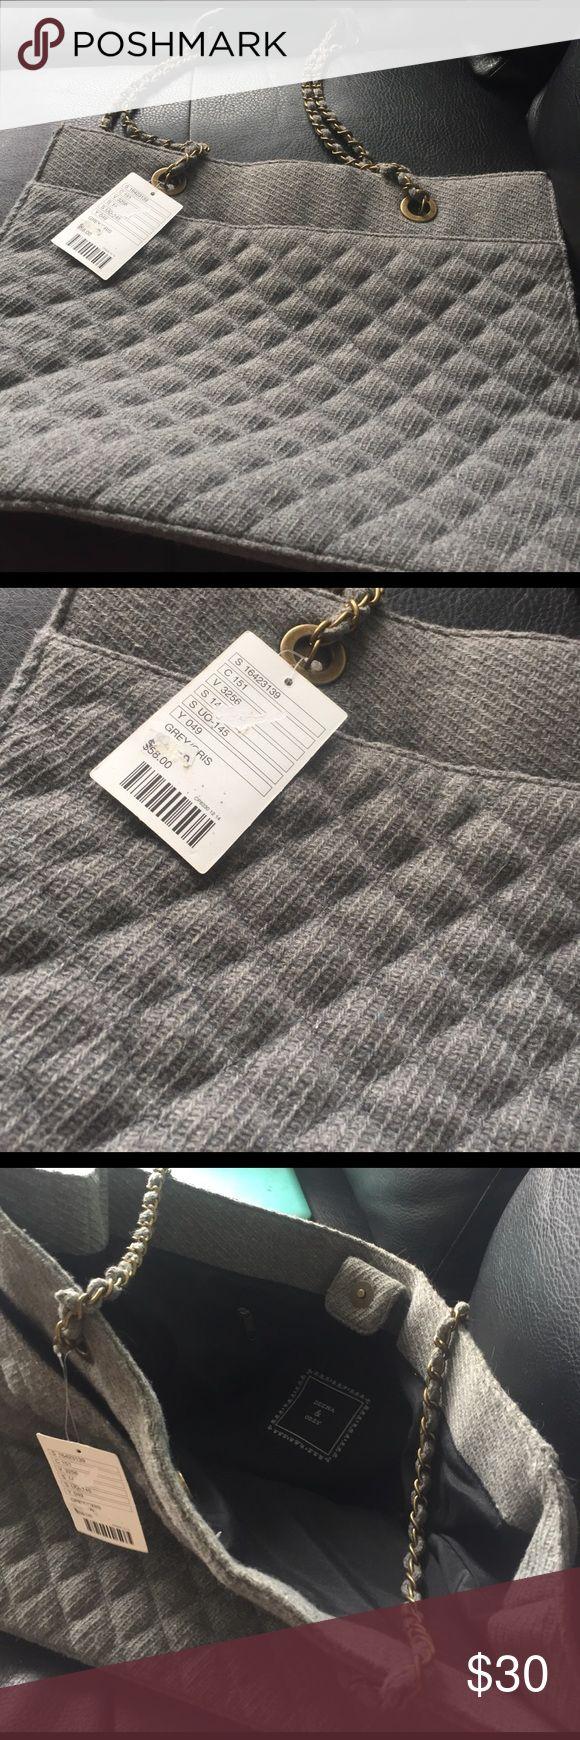 Deena & Ozzy sweater gray purse NWT Deena & Ozzy sweater gray purse NWT Deena & Ozzy Bags Shoulder Bags